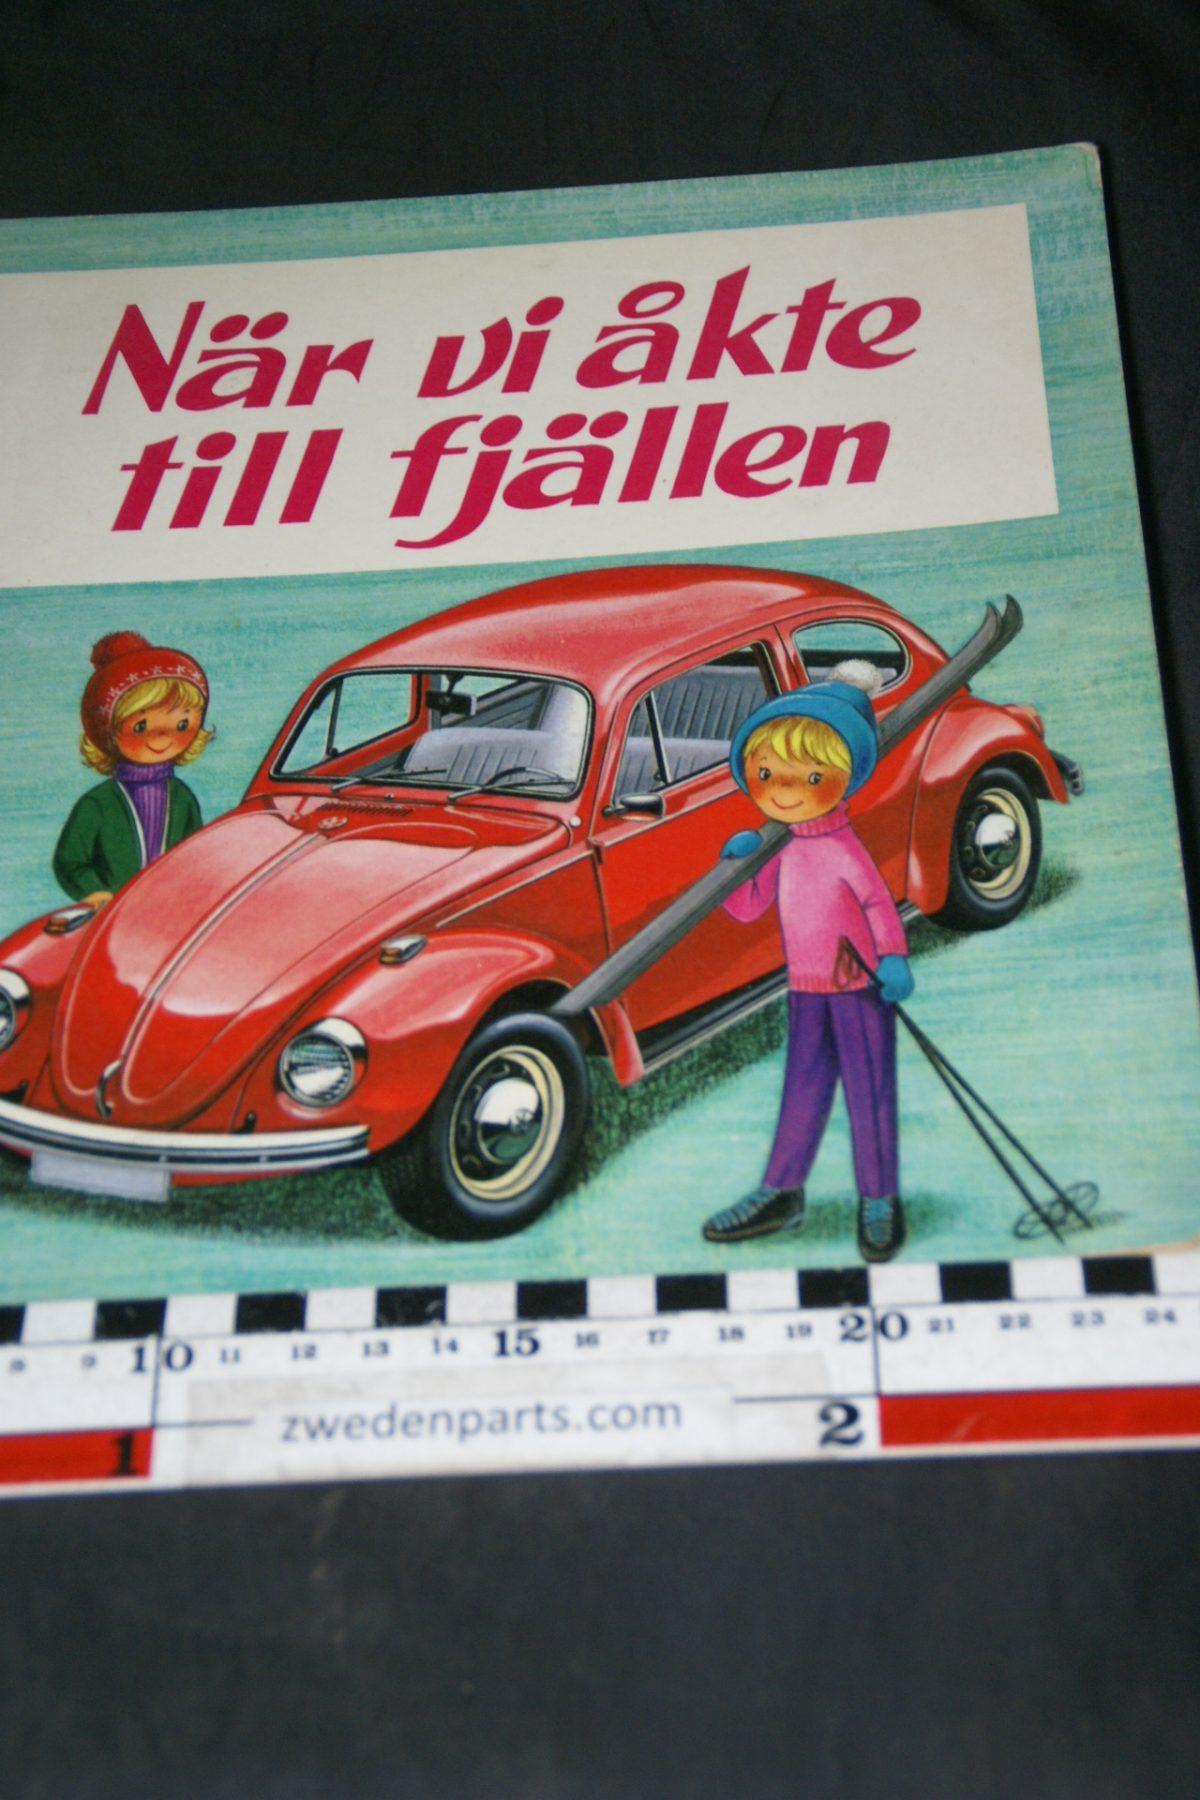 DSC04683 boek När vi åkte till fjällen met VW kever Svenskt